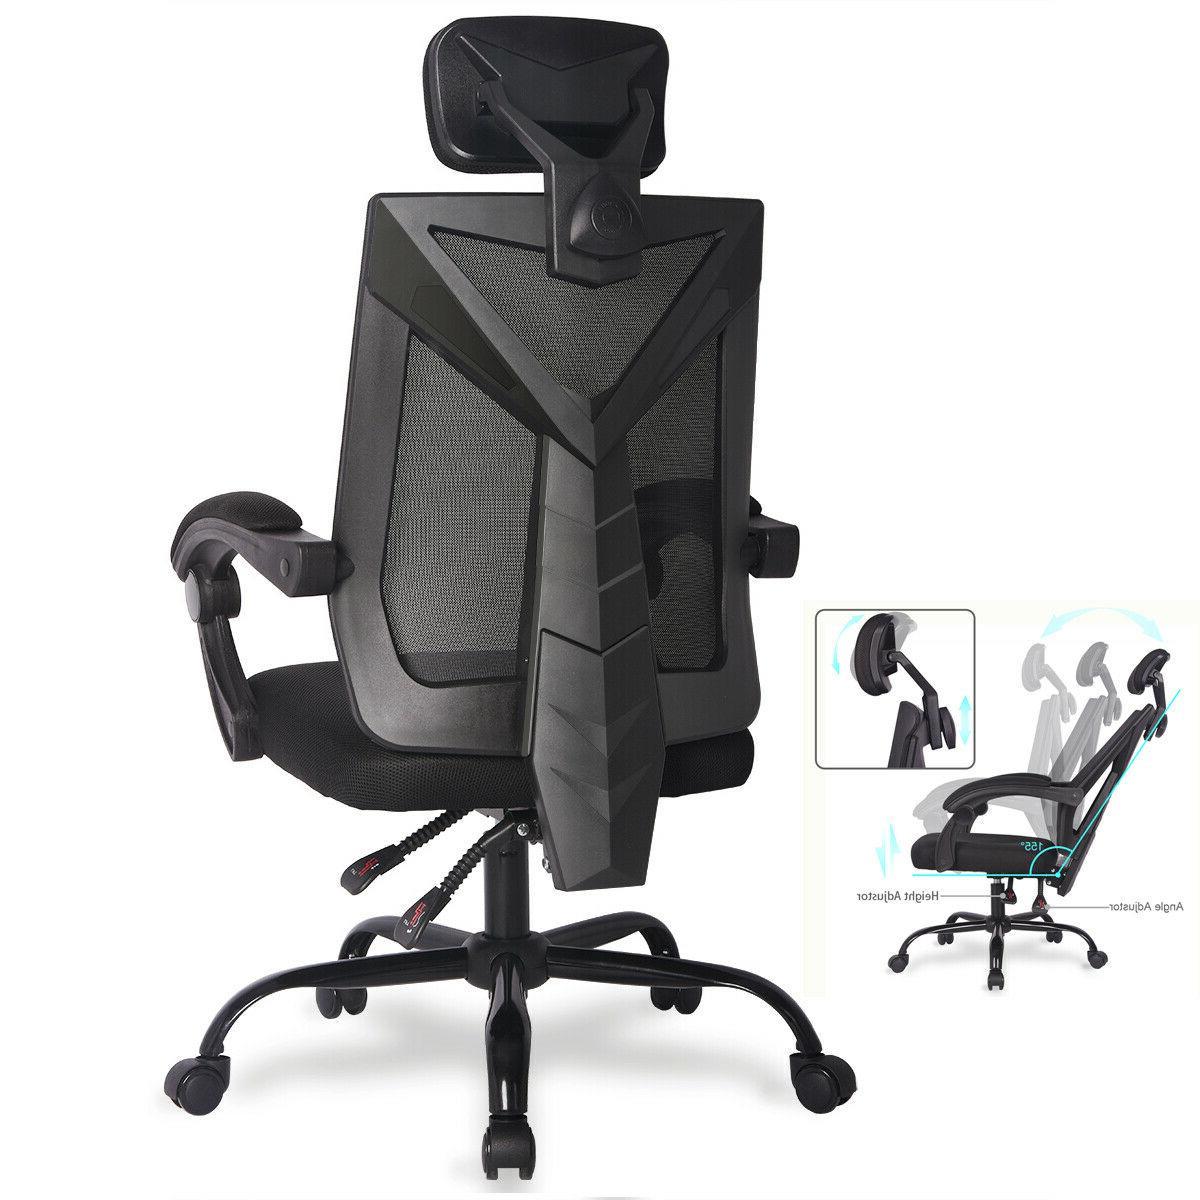 ergonomic office mesh chair high back desk